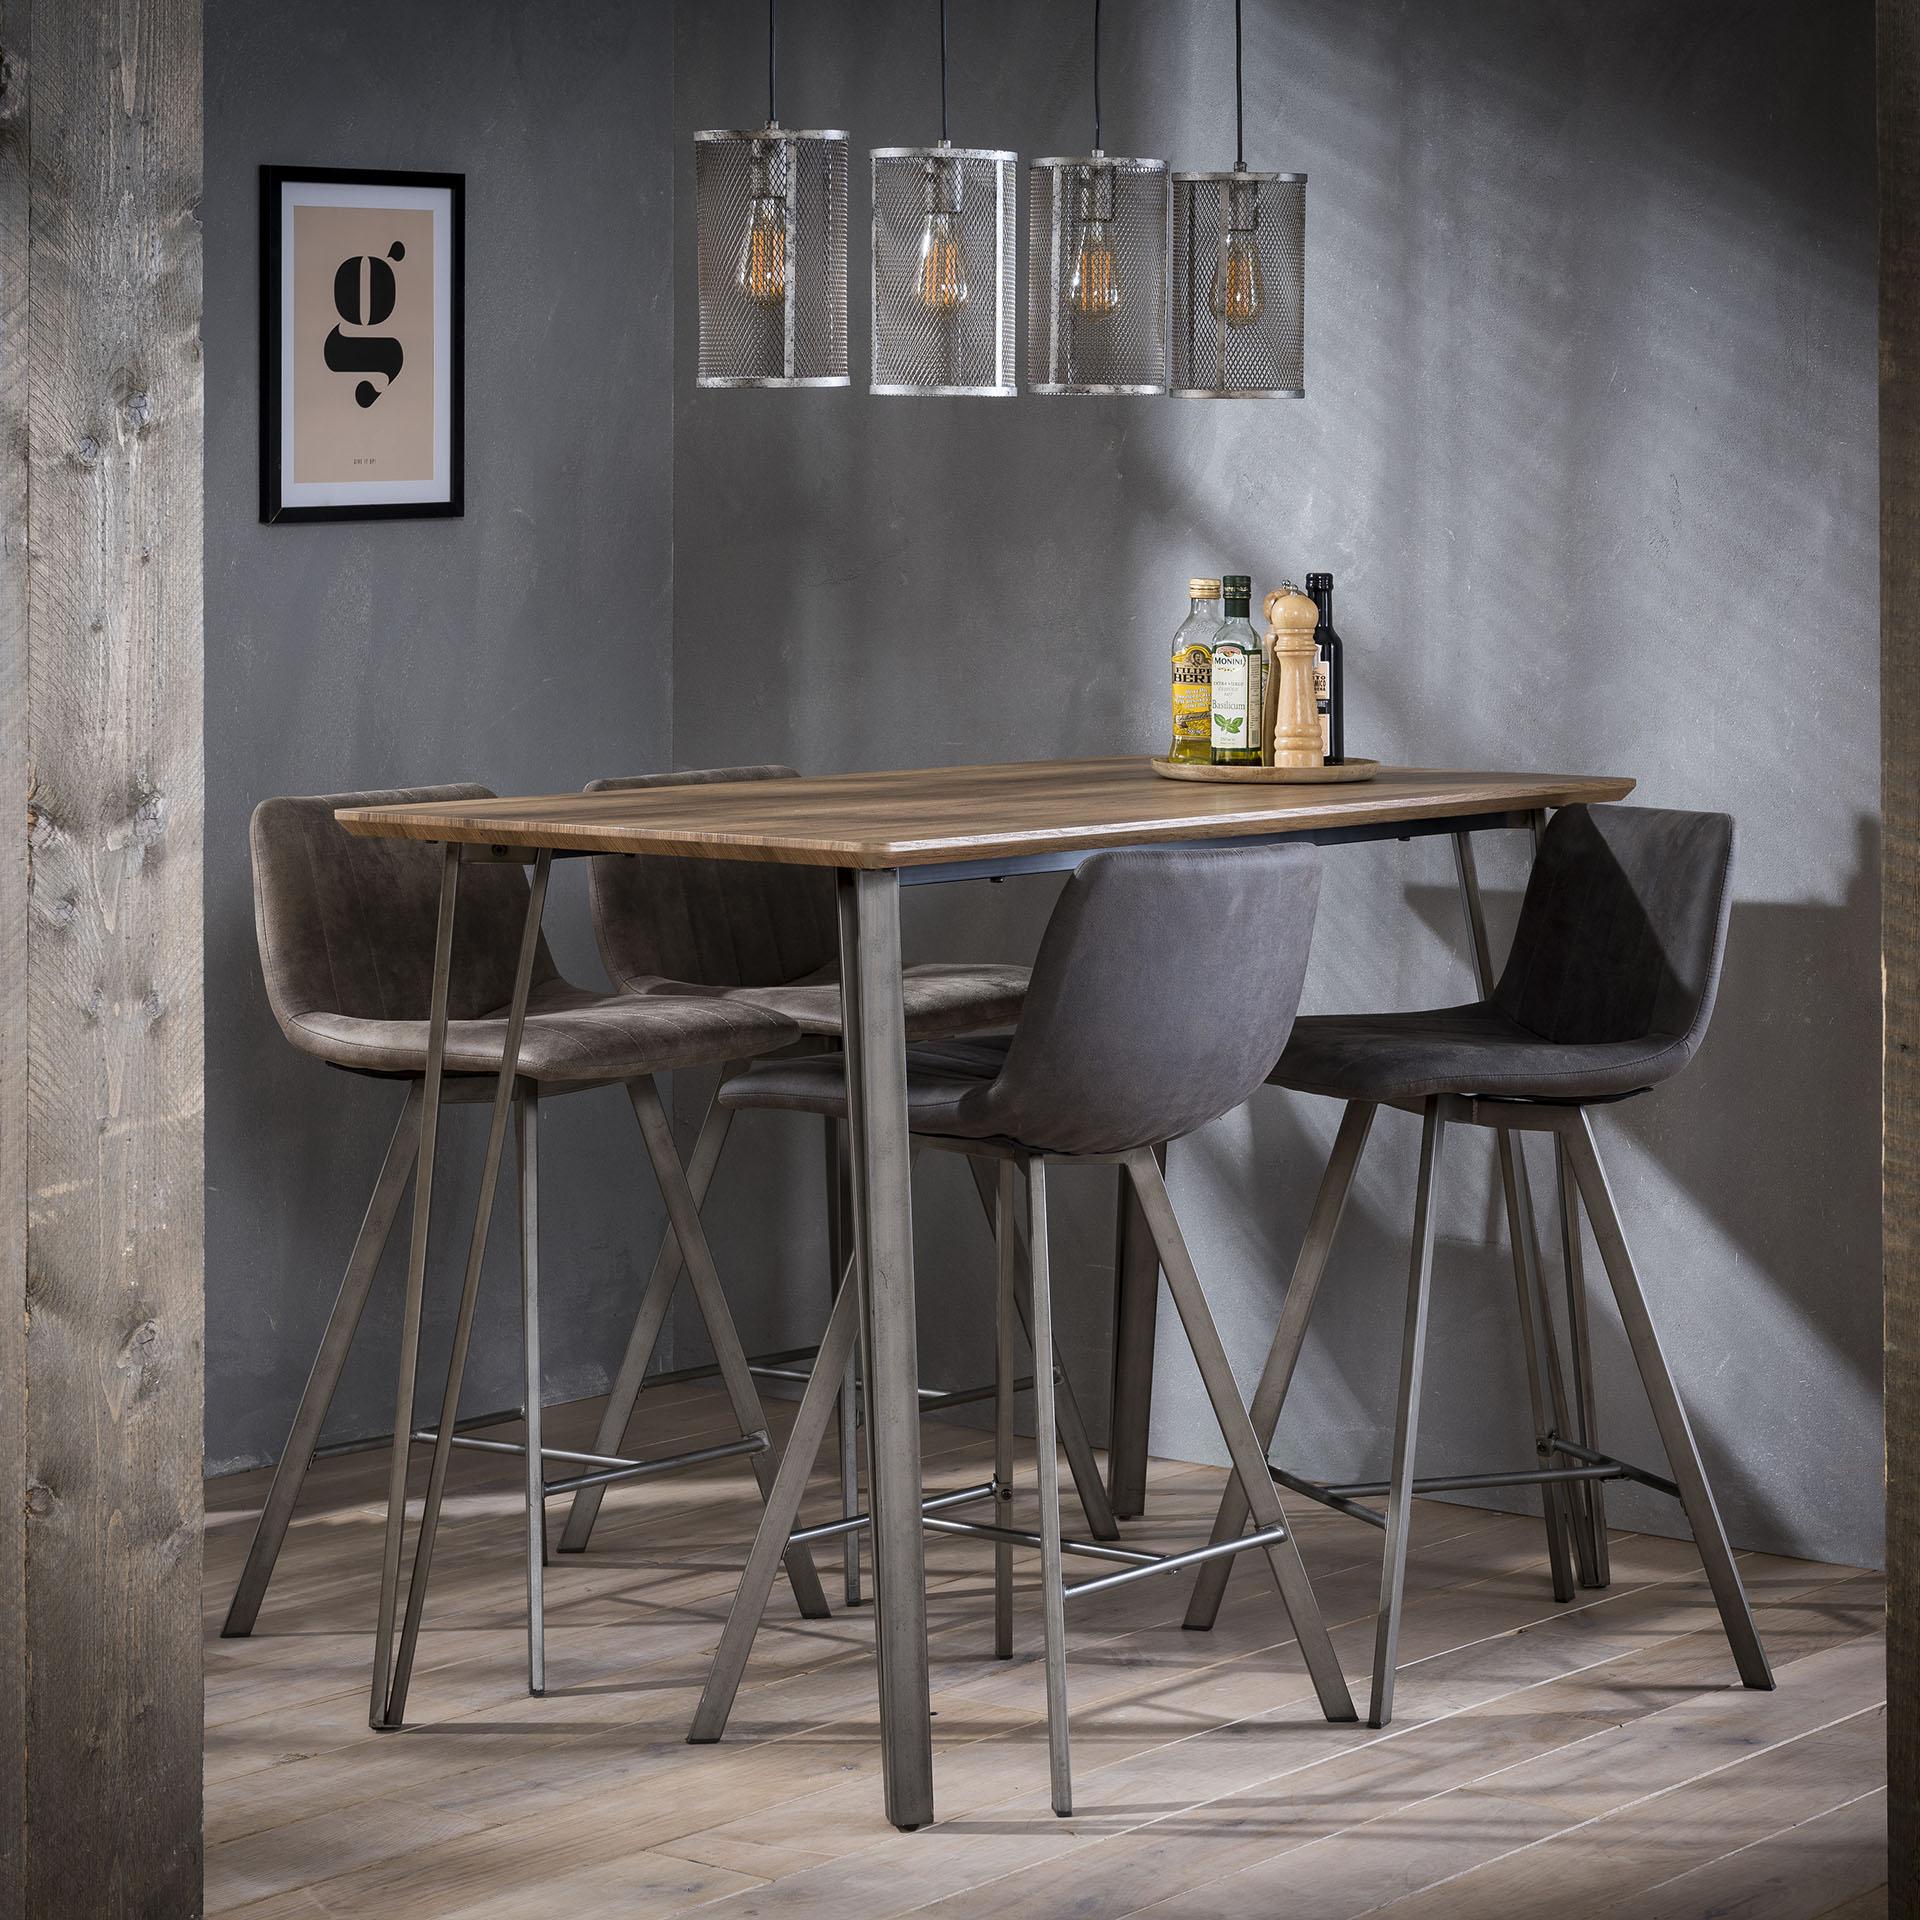 Helsinki Rectangulaire 30021984 Table Haute Réf dxhCQBtsr